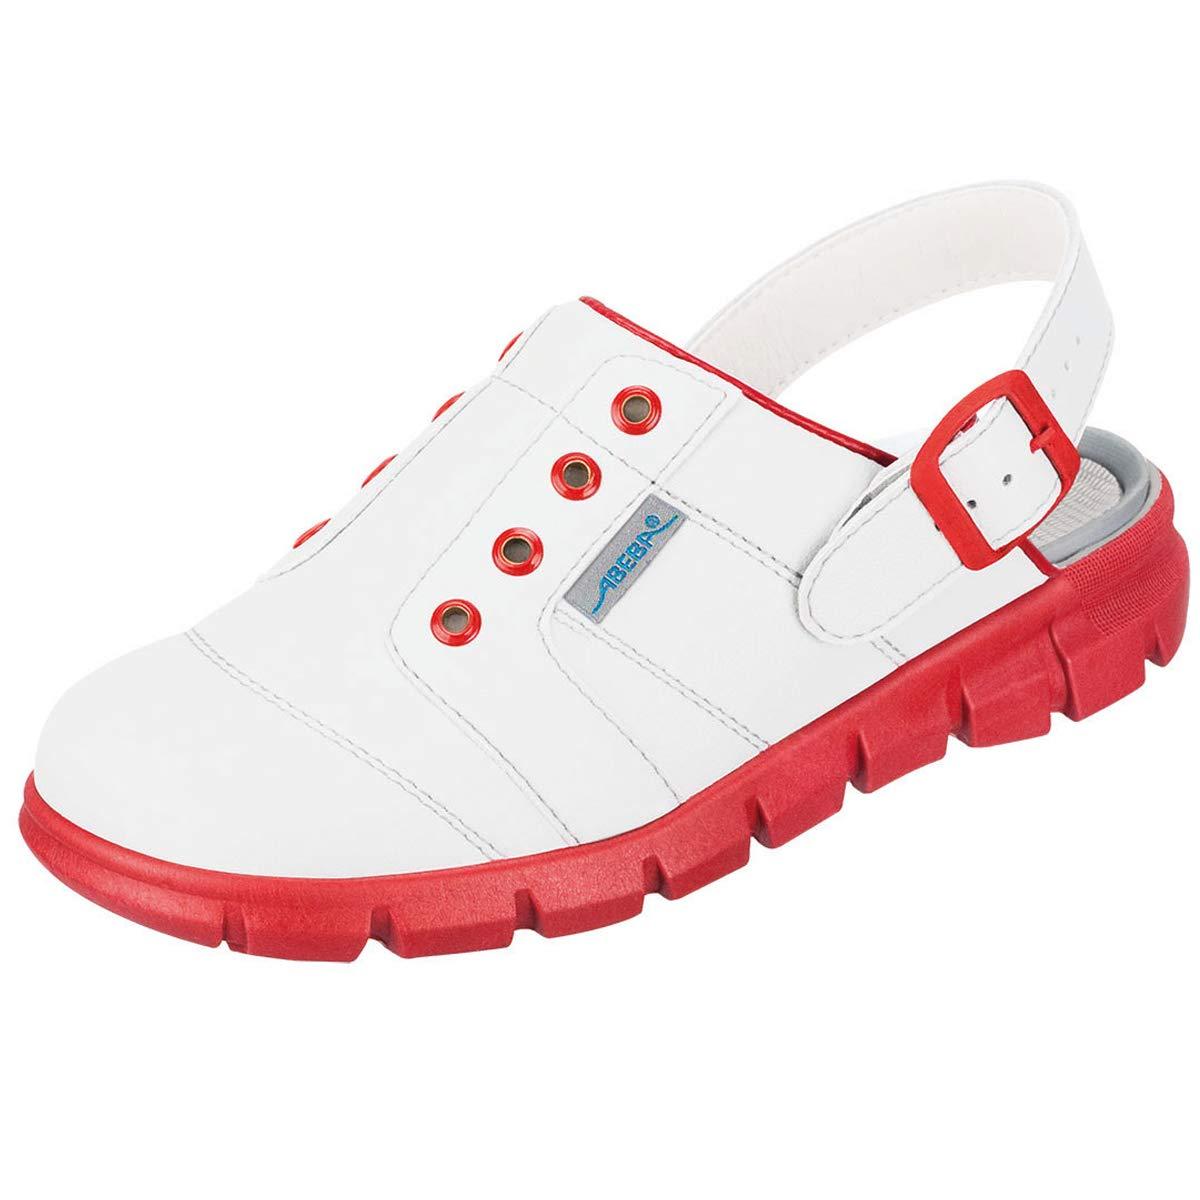 color blanco y rojo Zapatilla deportiva microfibra Abeba Clog 7368 Dynamic